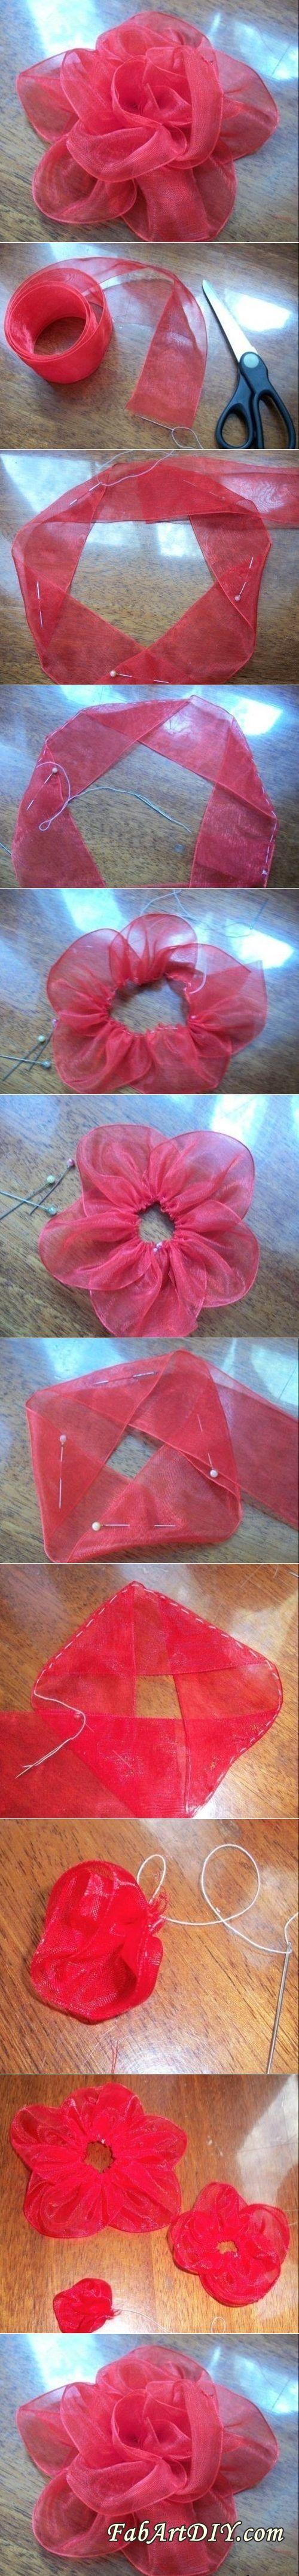 DIY Big Silk Ribbon Rose | www.FabArtDIY.com LIKE Us on Facebook ==> https://www.facebook.com/FabArtDIY